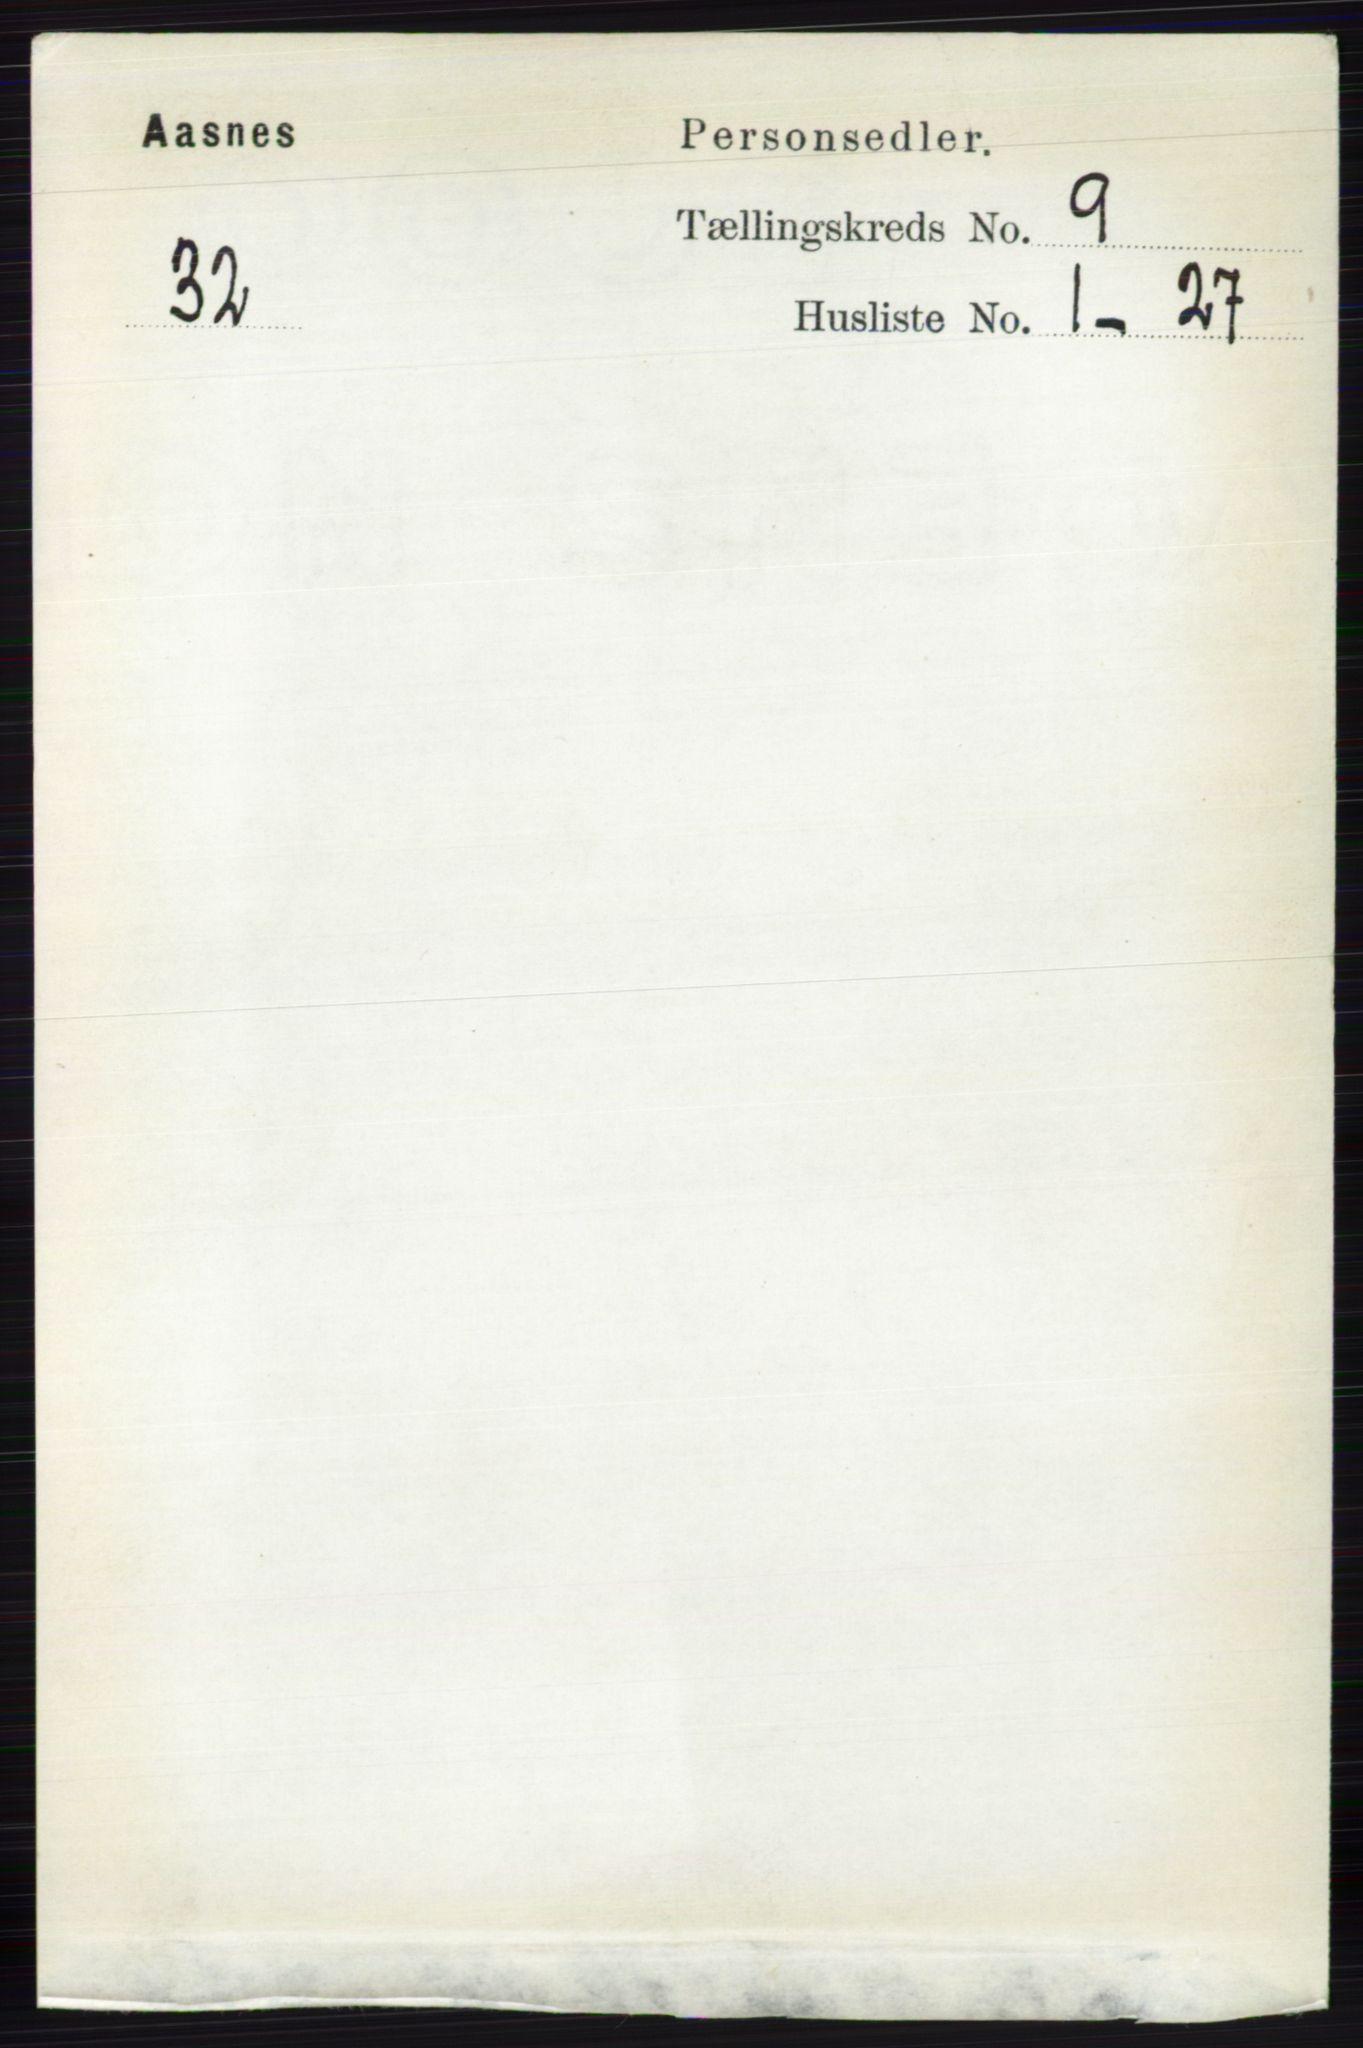 RA, Folketelling 1891 for 0425 Åsnes herred, 1891, s. 4615